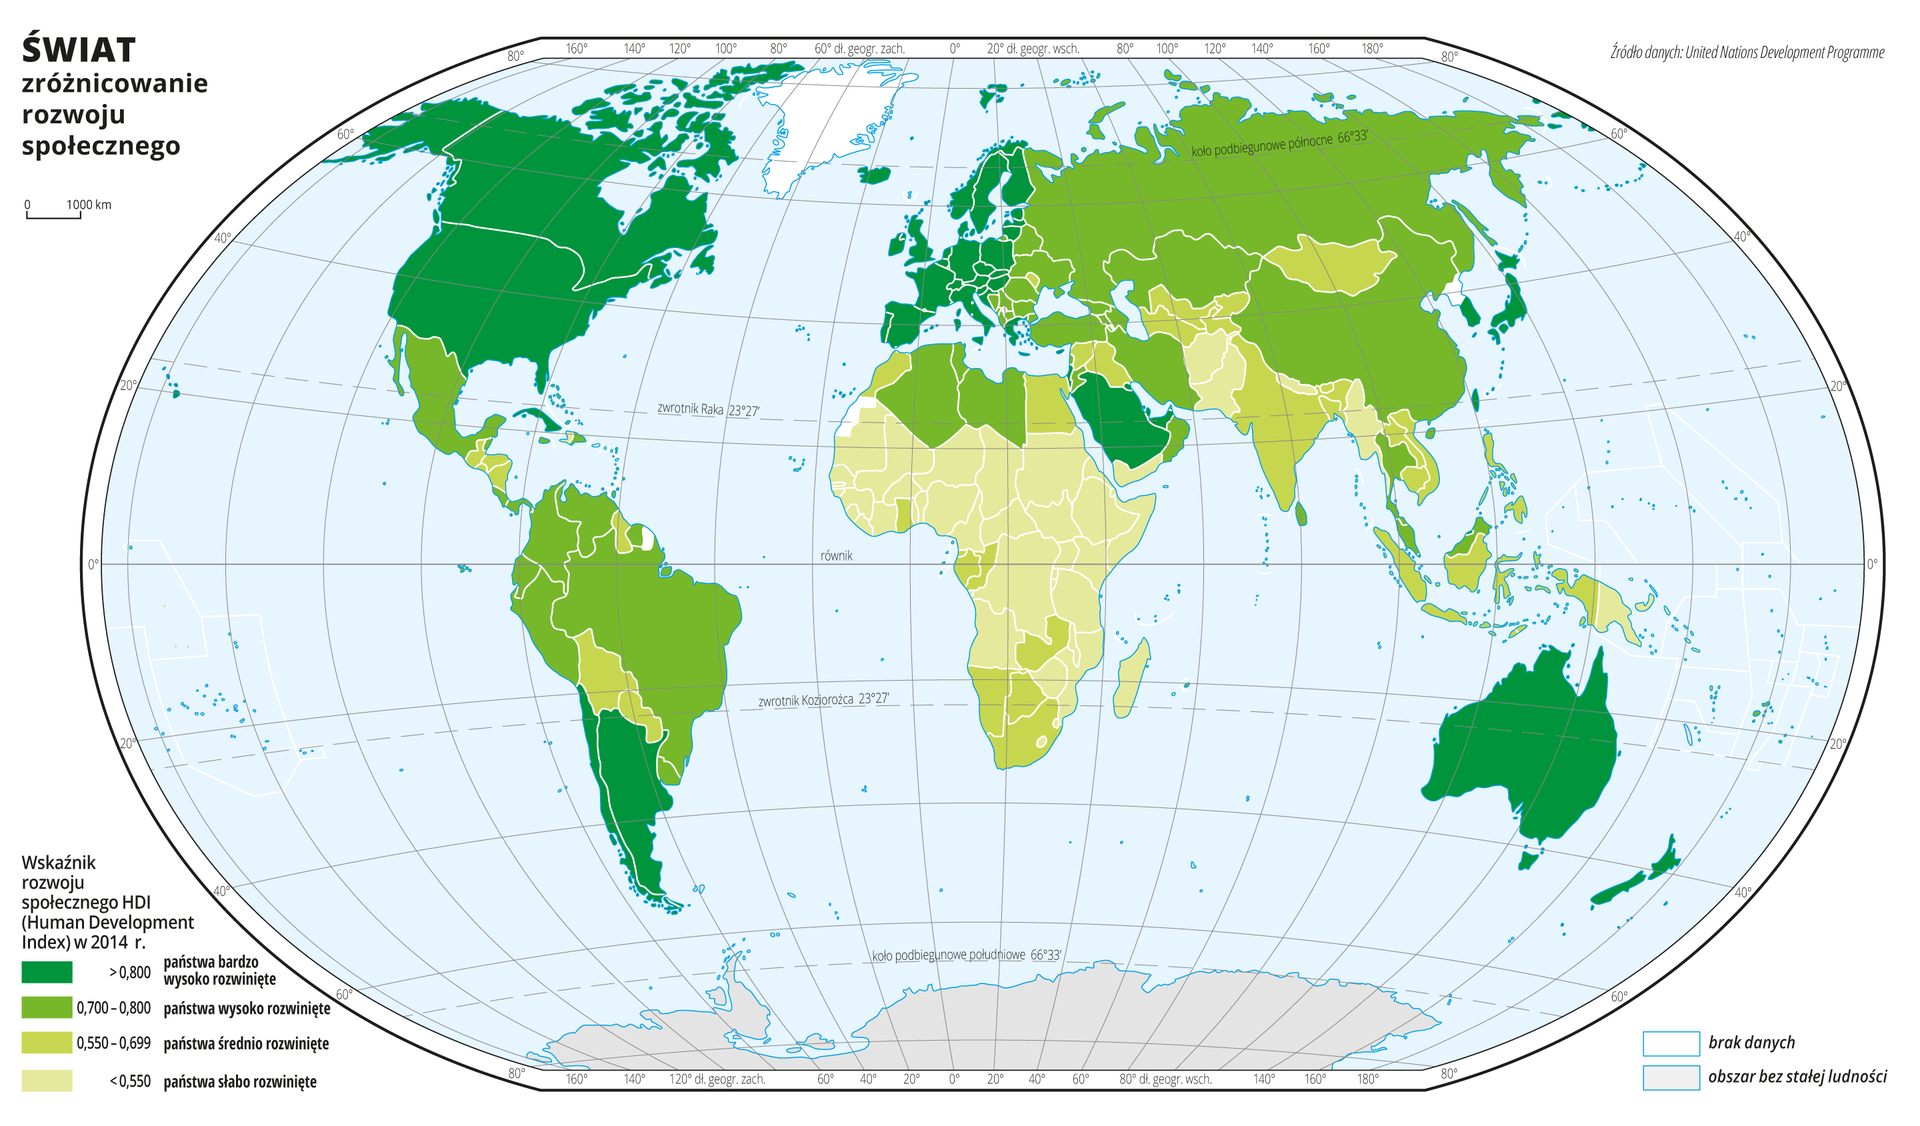 Ilustracja przedstawia mapę świata. Wody zaznaczono kolorem niebieskim. Na mapie za pomocą czterech kolorów przedstawiono zróżnicowanie rozwoju społecznego (wskaźnik rozwoju społecznego HDI) wdwa tysiące czternastym roku. Kolorem ciemnym zielononiebieskim oznaczono państwa bardzo wysoko rozwinięte – Kanadę, Stany Zjednoczone Ameryki Północnej, Argentynę, Chile, państwa wśrodkowej izachodniej części Europy, Arabię Saudyjską, Japonię iKoreę Południową, Australię iNową Zelandię.Kolor zielony obrazujący państwa wysoko rozwinięte występuje wpółnocnej części Ameryki Południowej, wMeksyku, we wschodniej części Europy iwprzeważającej części Azji środkowej ipółnocnej.Kolor brunatny ipomarańczowy obrazujący państwa średnio isłabo rozwinięte gospodarczo występuje wAfryce ipołudniowej części Azji.Mapa pokryta jest równoleżnikami ipołudnikami. Dookoła mapy wbiałej ramce opisano współrzędne geograficzne co dwadzieścia stopni.Na dole mapy narysowano cztery kolorowe prostokąty iopisano jaką wielkość wskaźnika rozwoju społecznego przedstawia dany kolor.